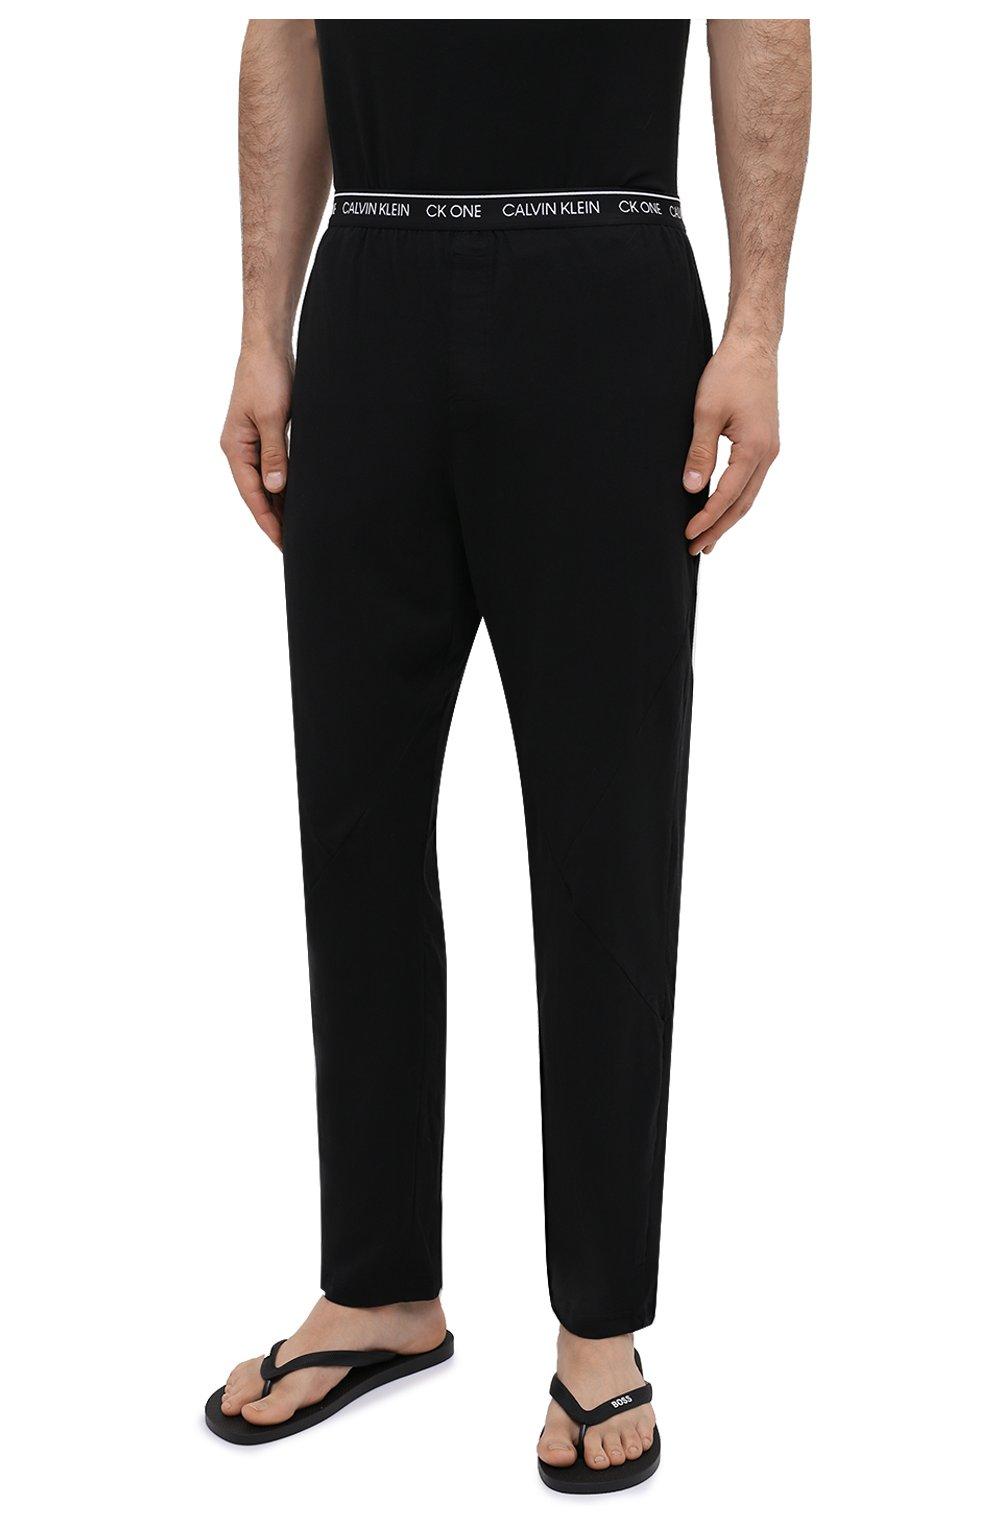 Мужские хлопковые домашние брюки CALVIN KLEIN черного цвета, арт. NM1796E | Фото 3 (Длина (брюки, джинсы): Стандартные; Кросс-КТ: домашняя одежда; Мужское Кросс-КТ: Брюки-белье; Материал внешний: Хлопок)